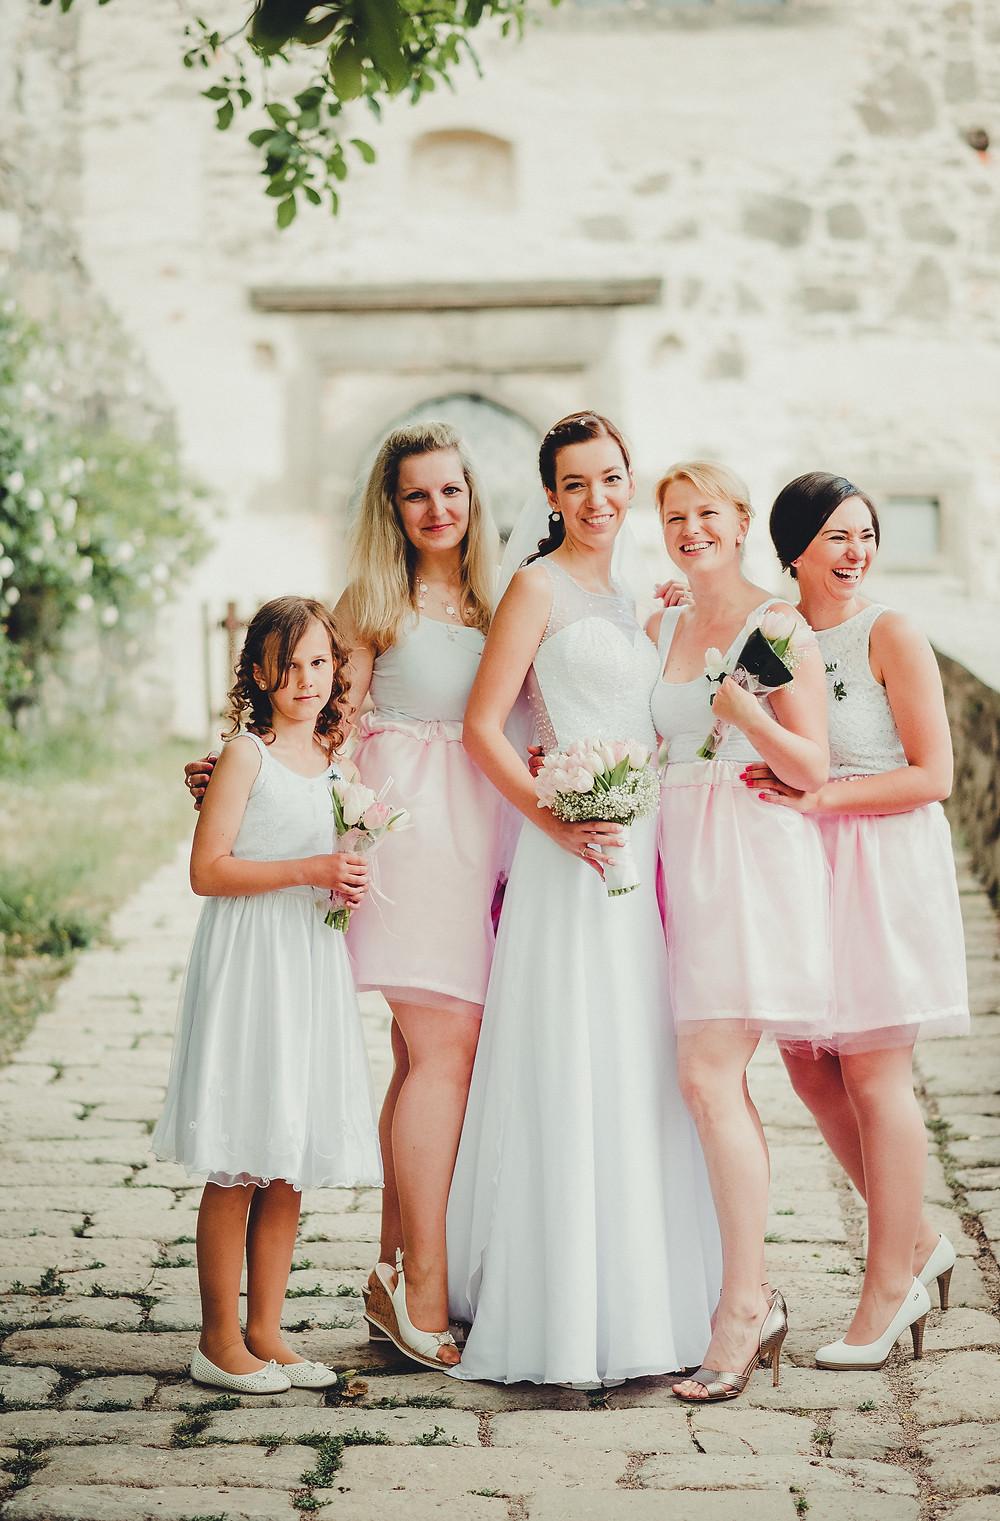 krásné a slatděné družičky - bílo růžové šaty